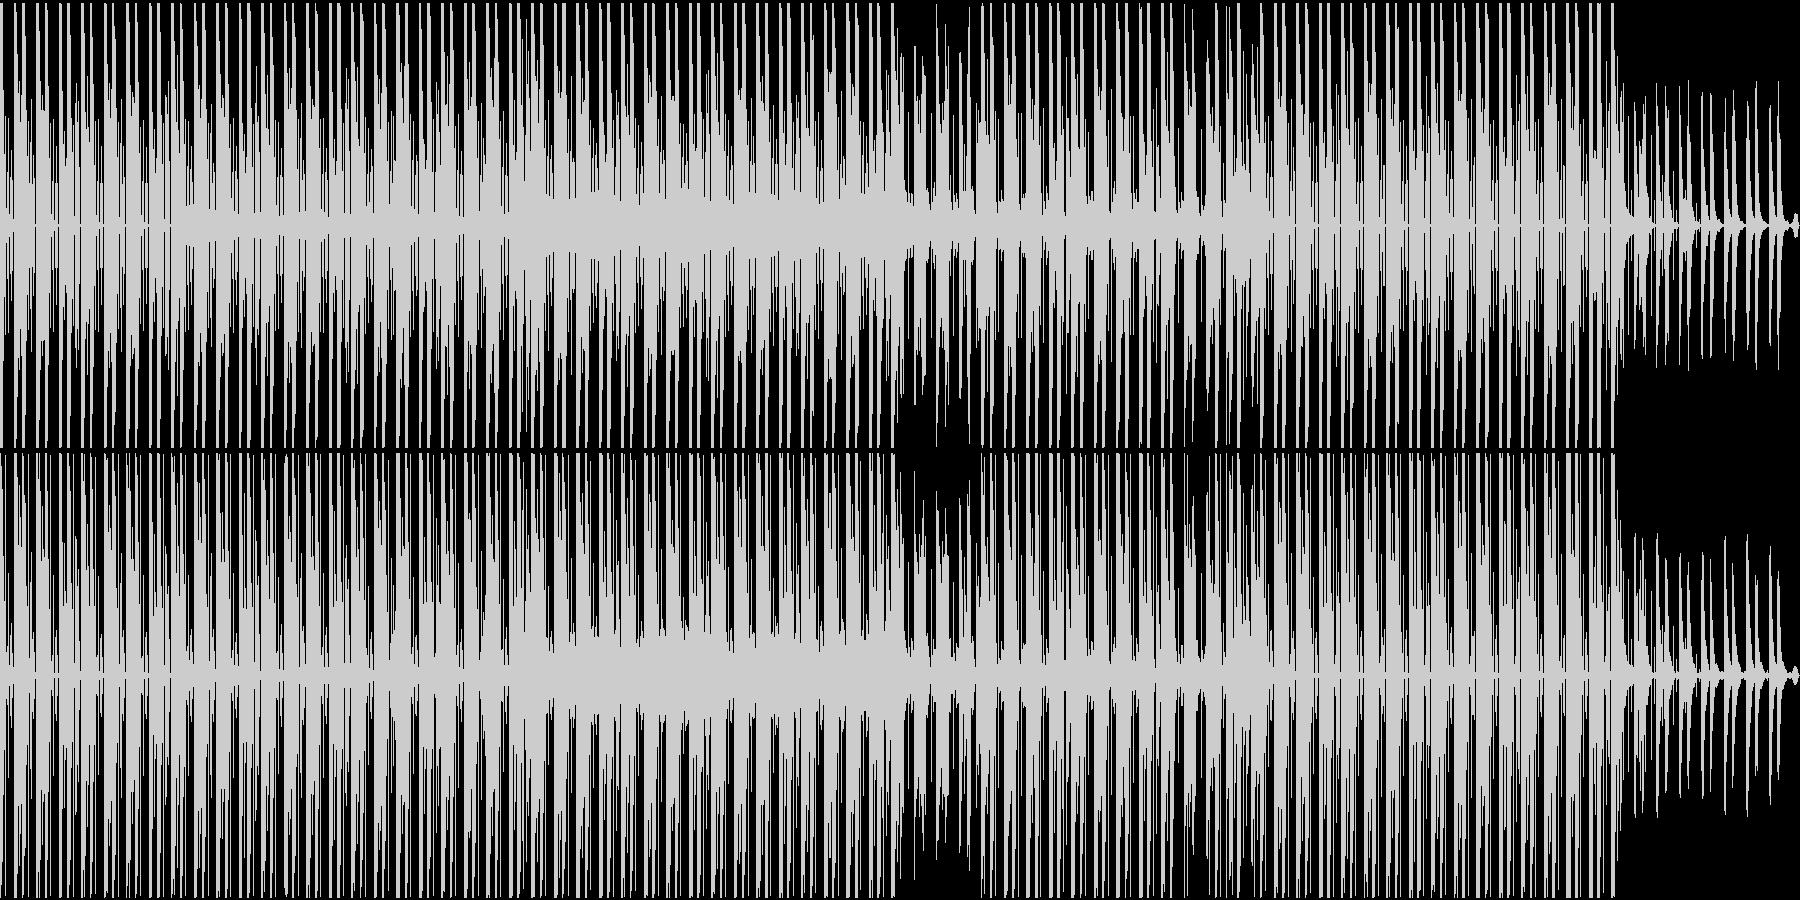 [ループ対応]クールで軽快なシンセポップの未再生の波形